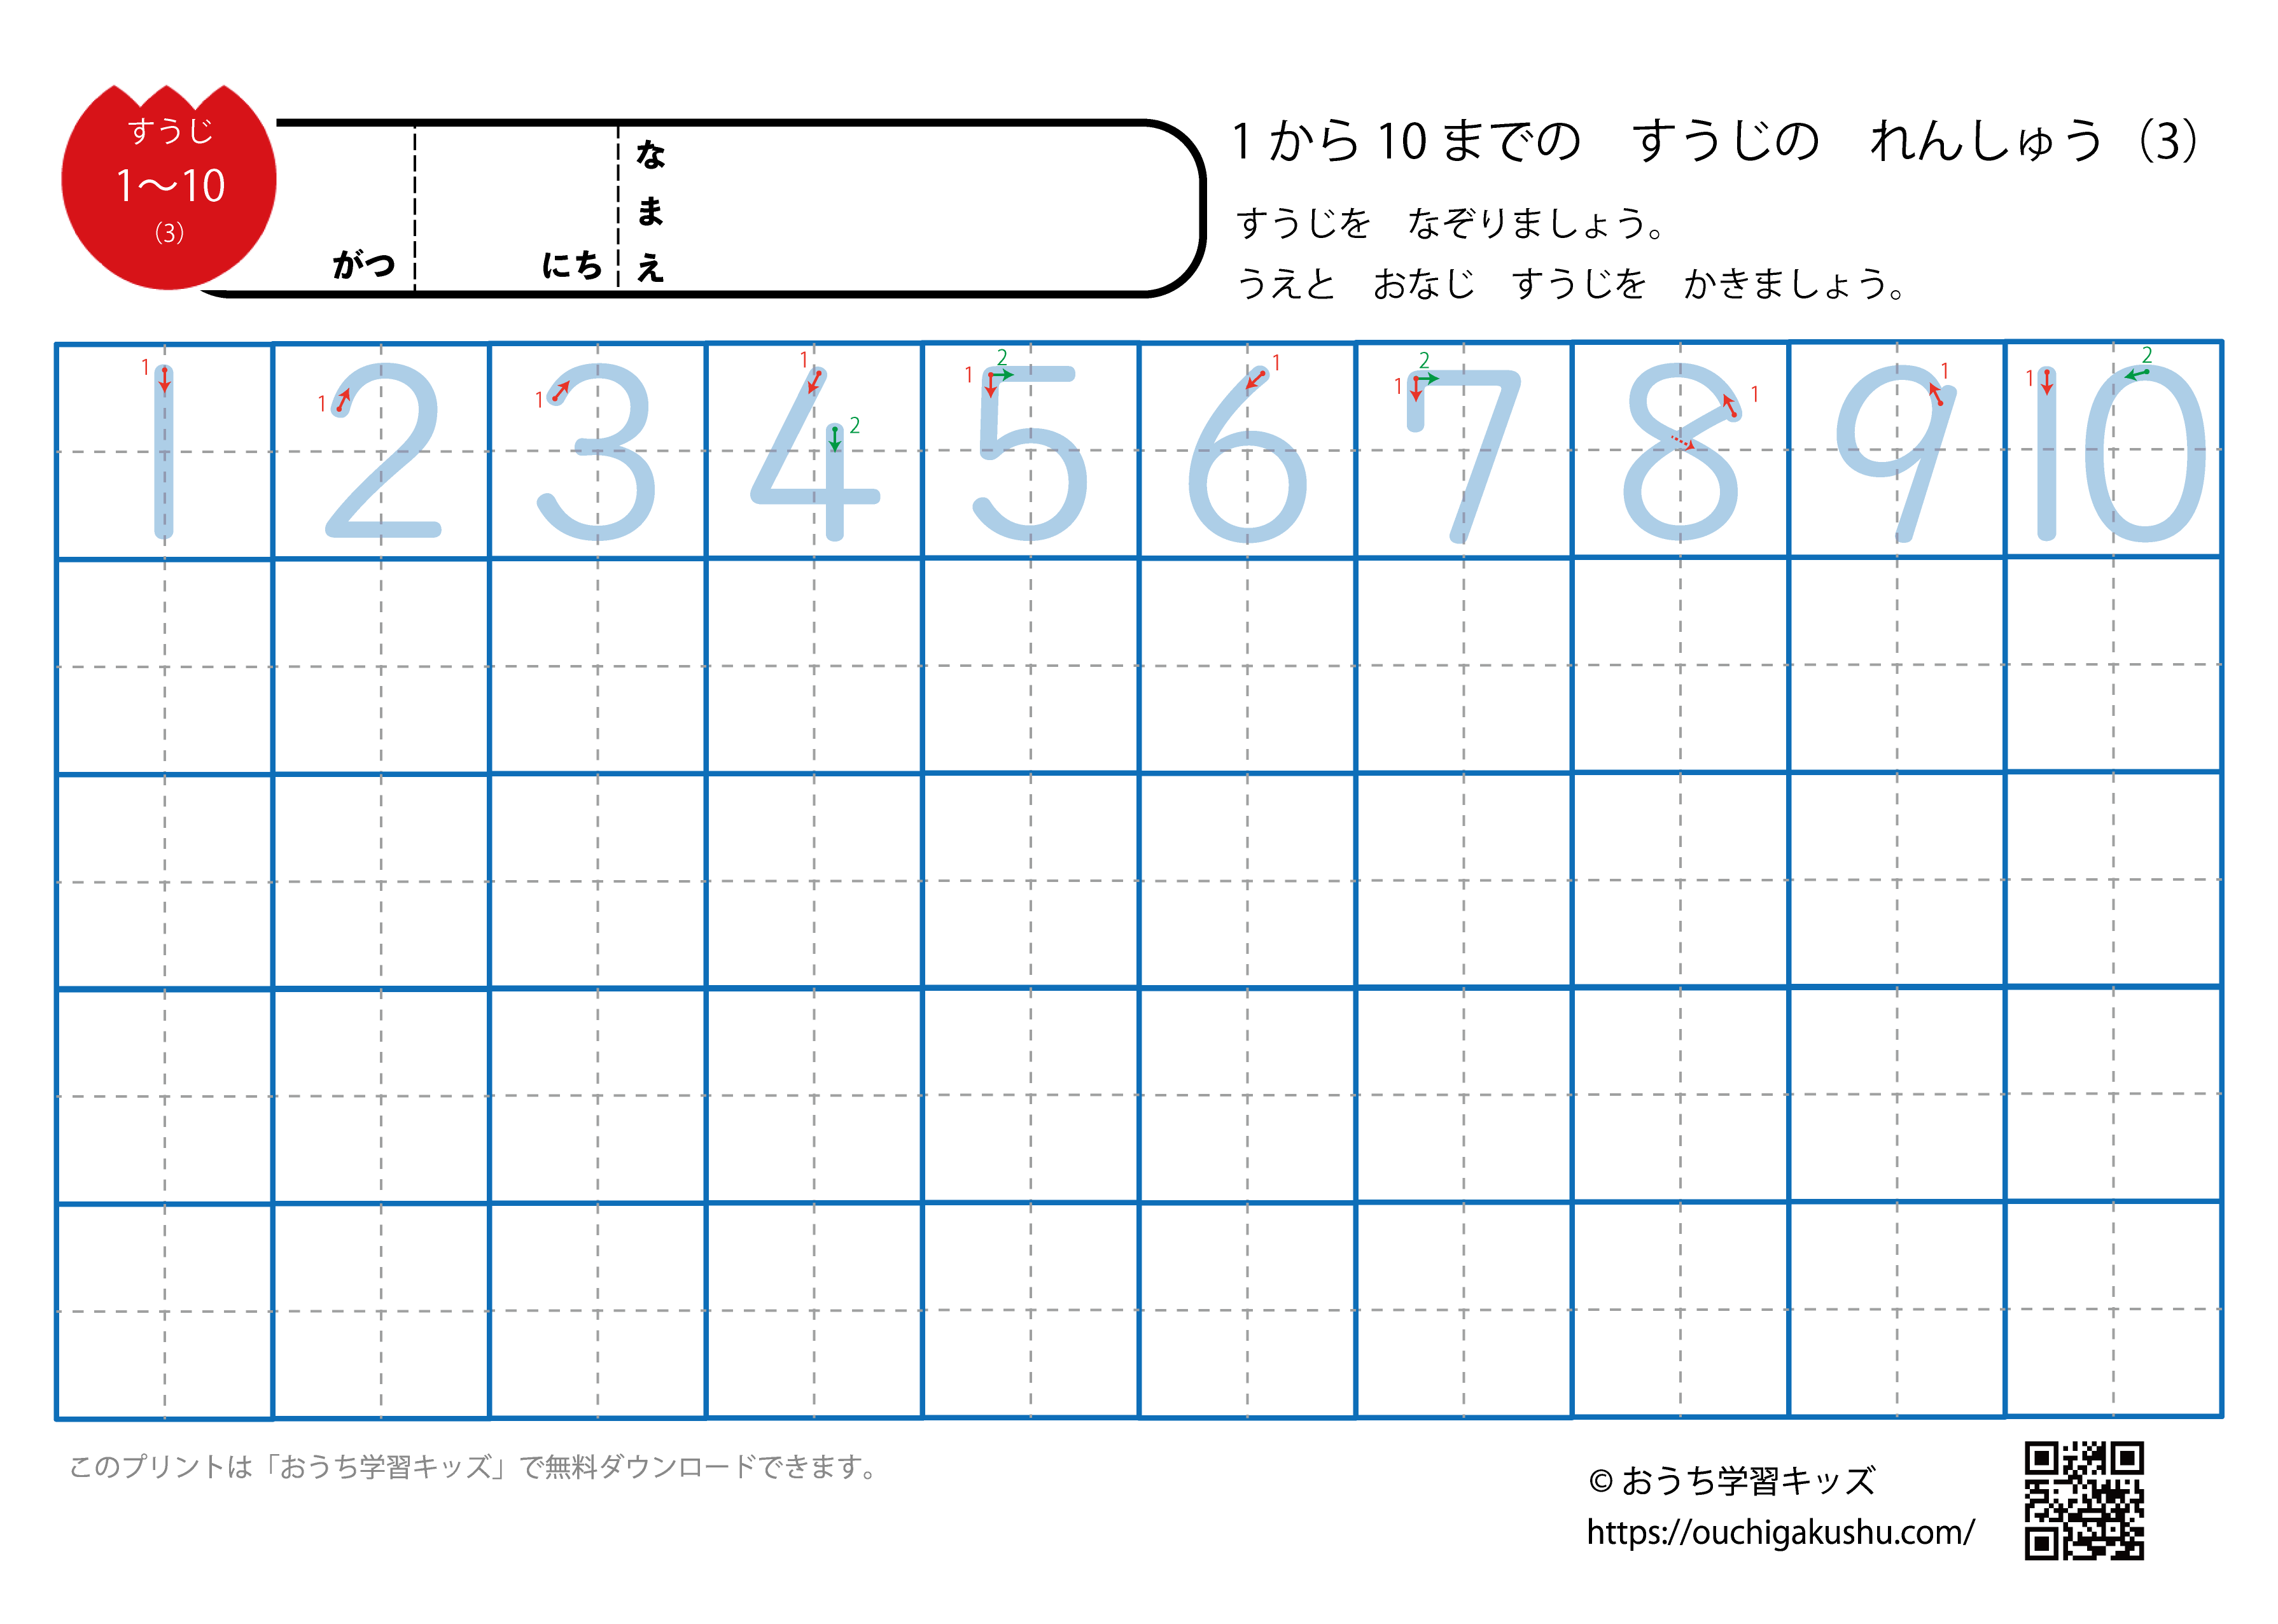 数字練習プリント(1から10まで)ステップ3:ほとんど空欄・なぞり書き1行のみ